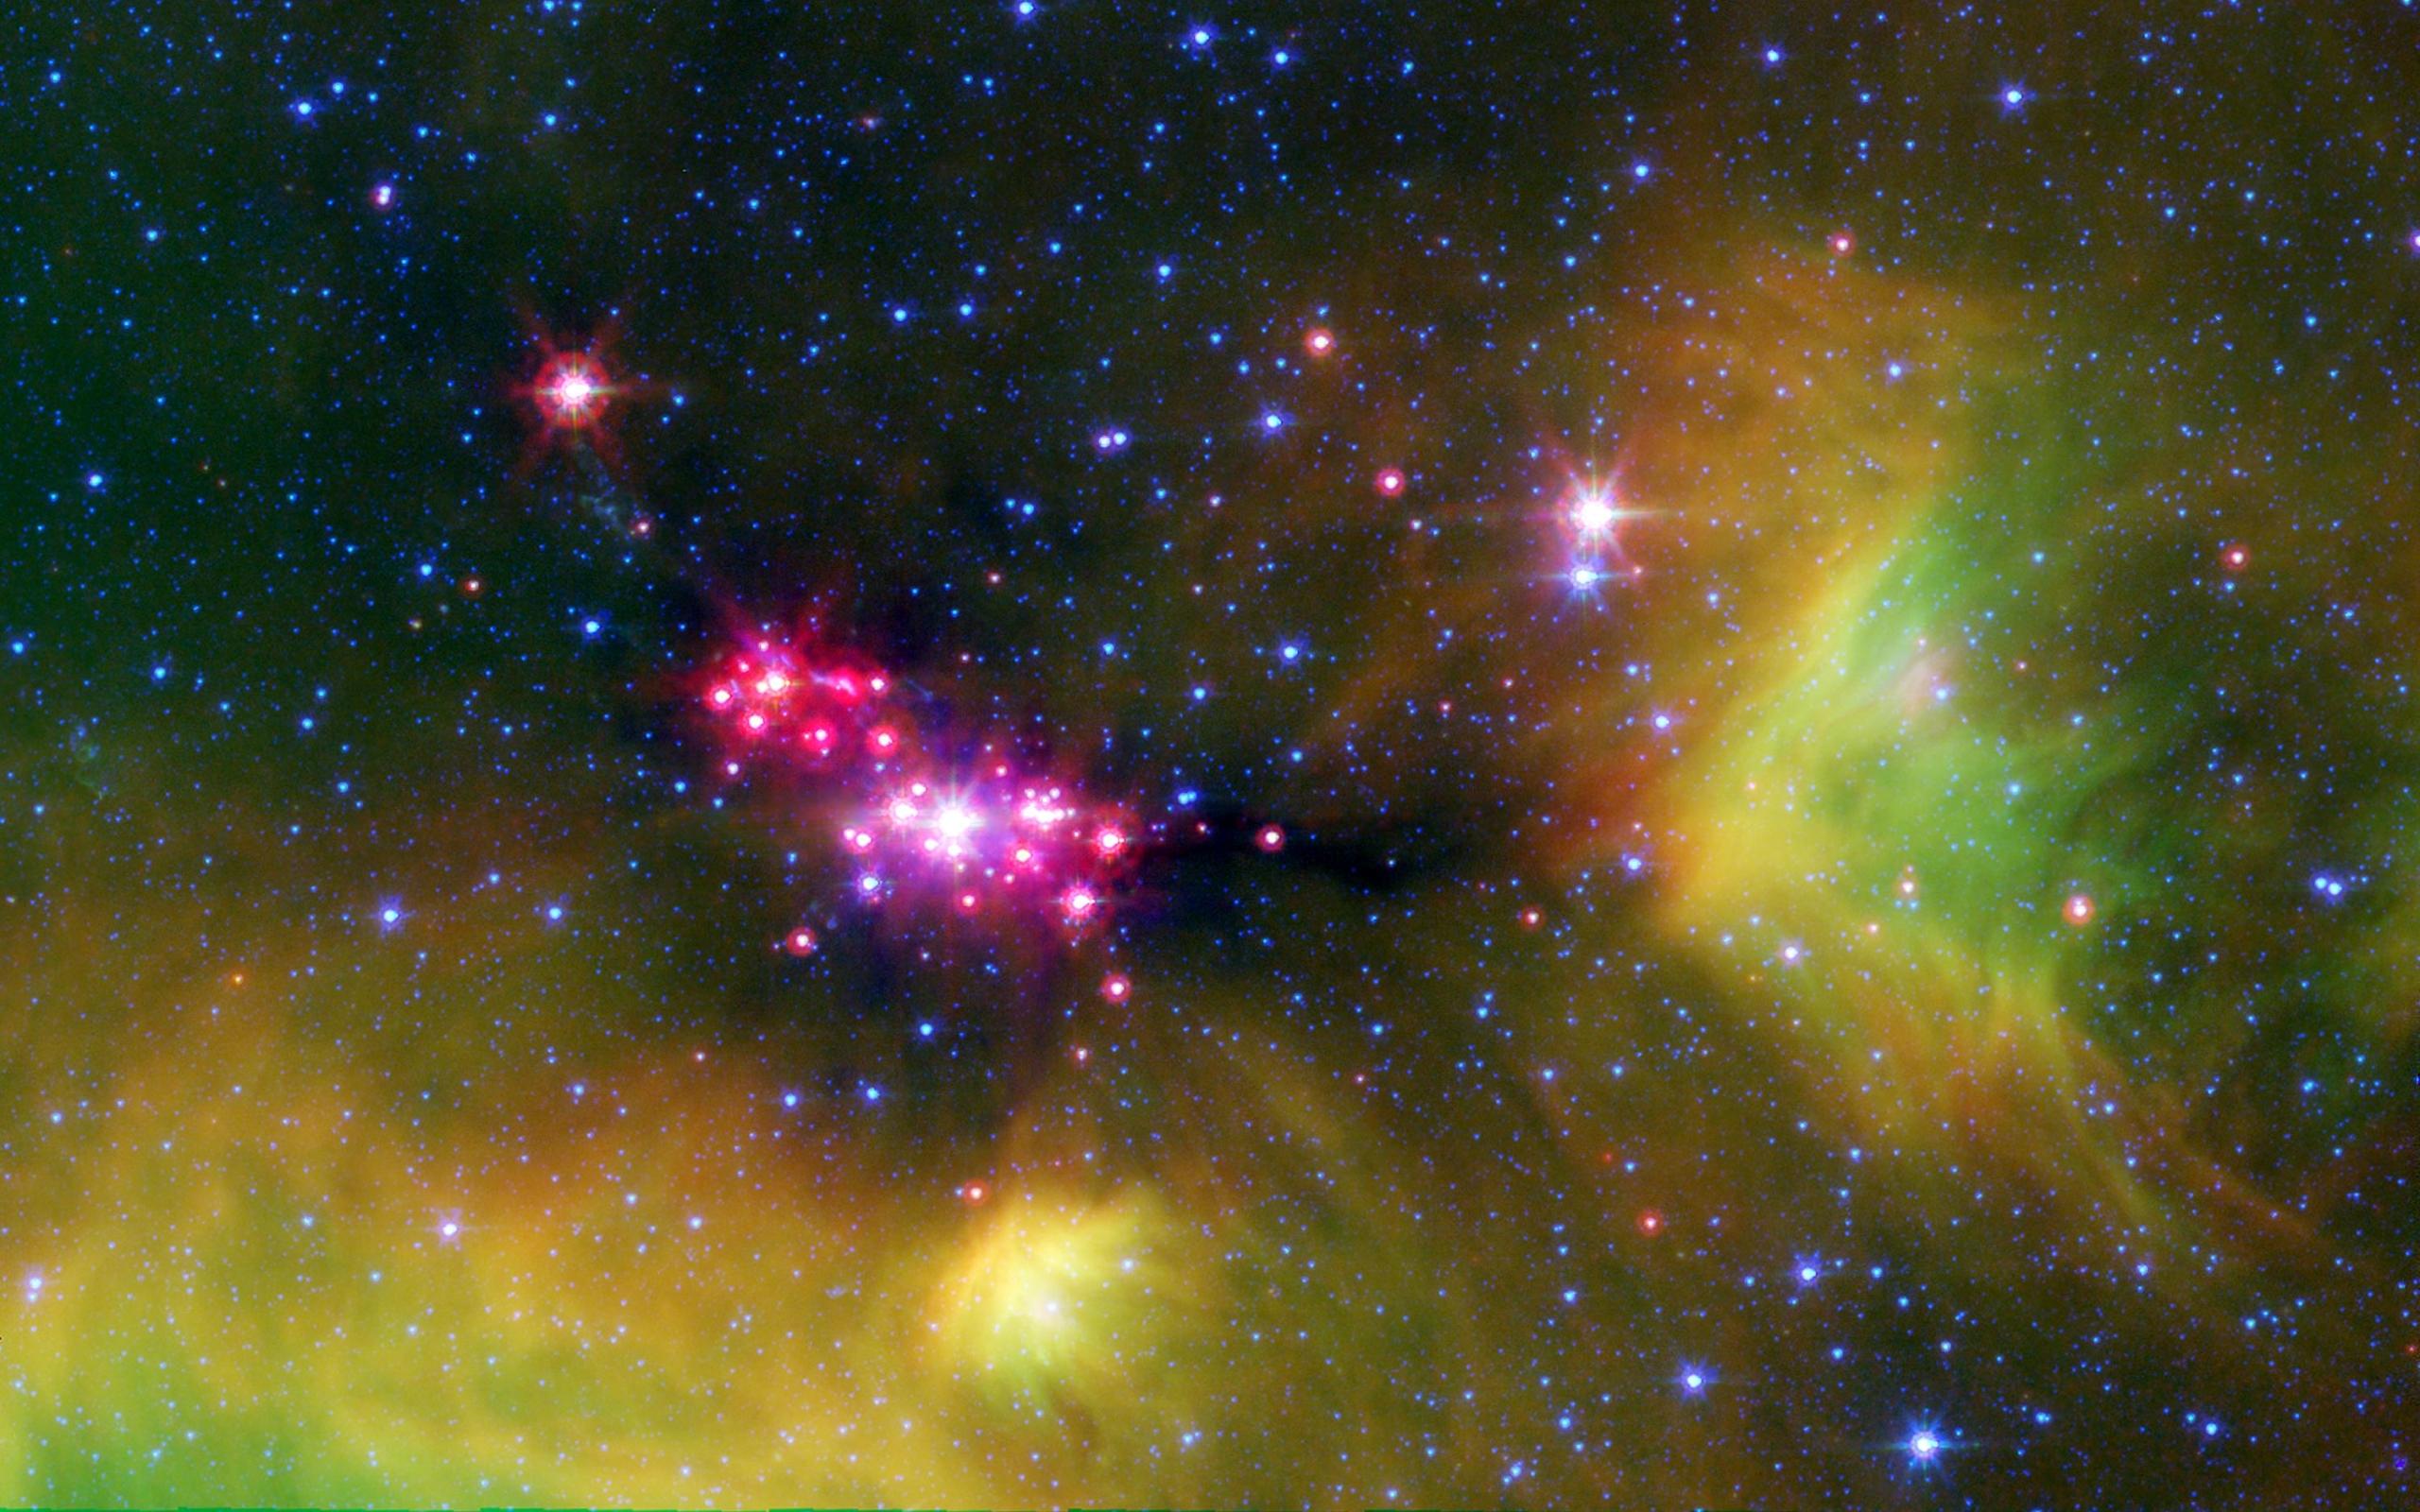 Nube espacial y estrellas - 2560x1600